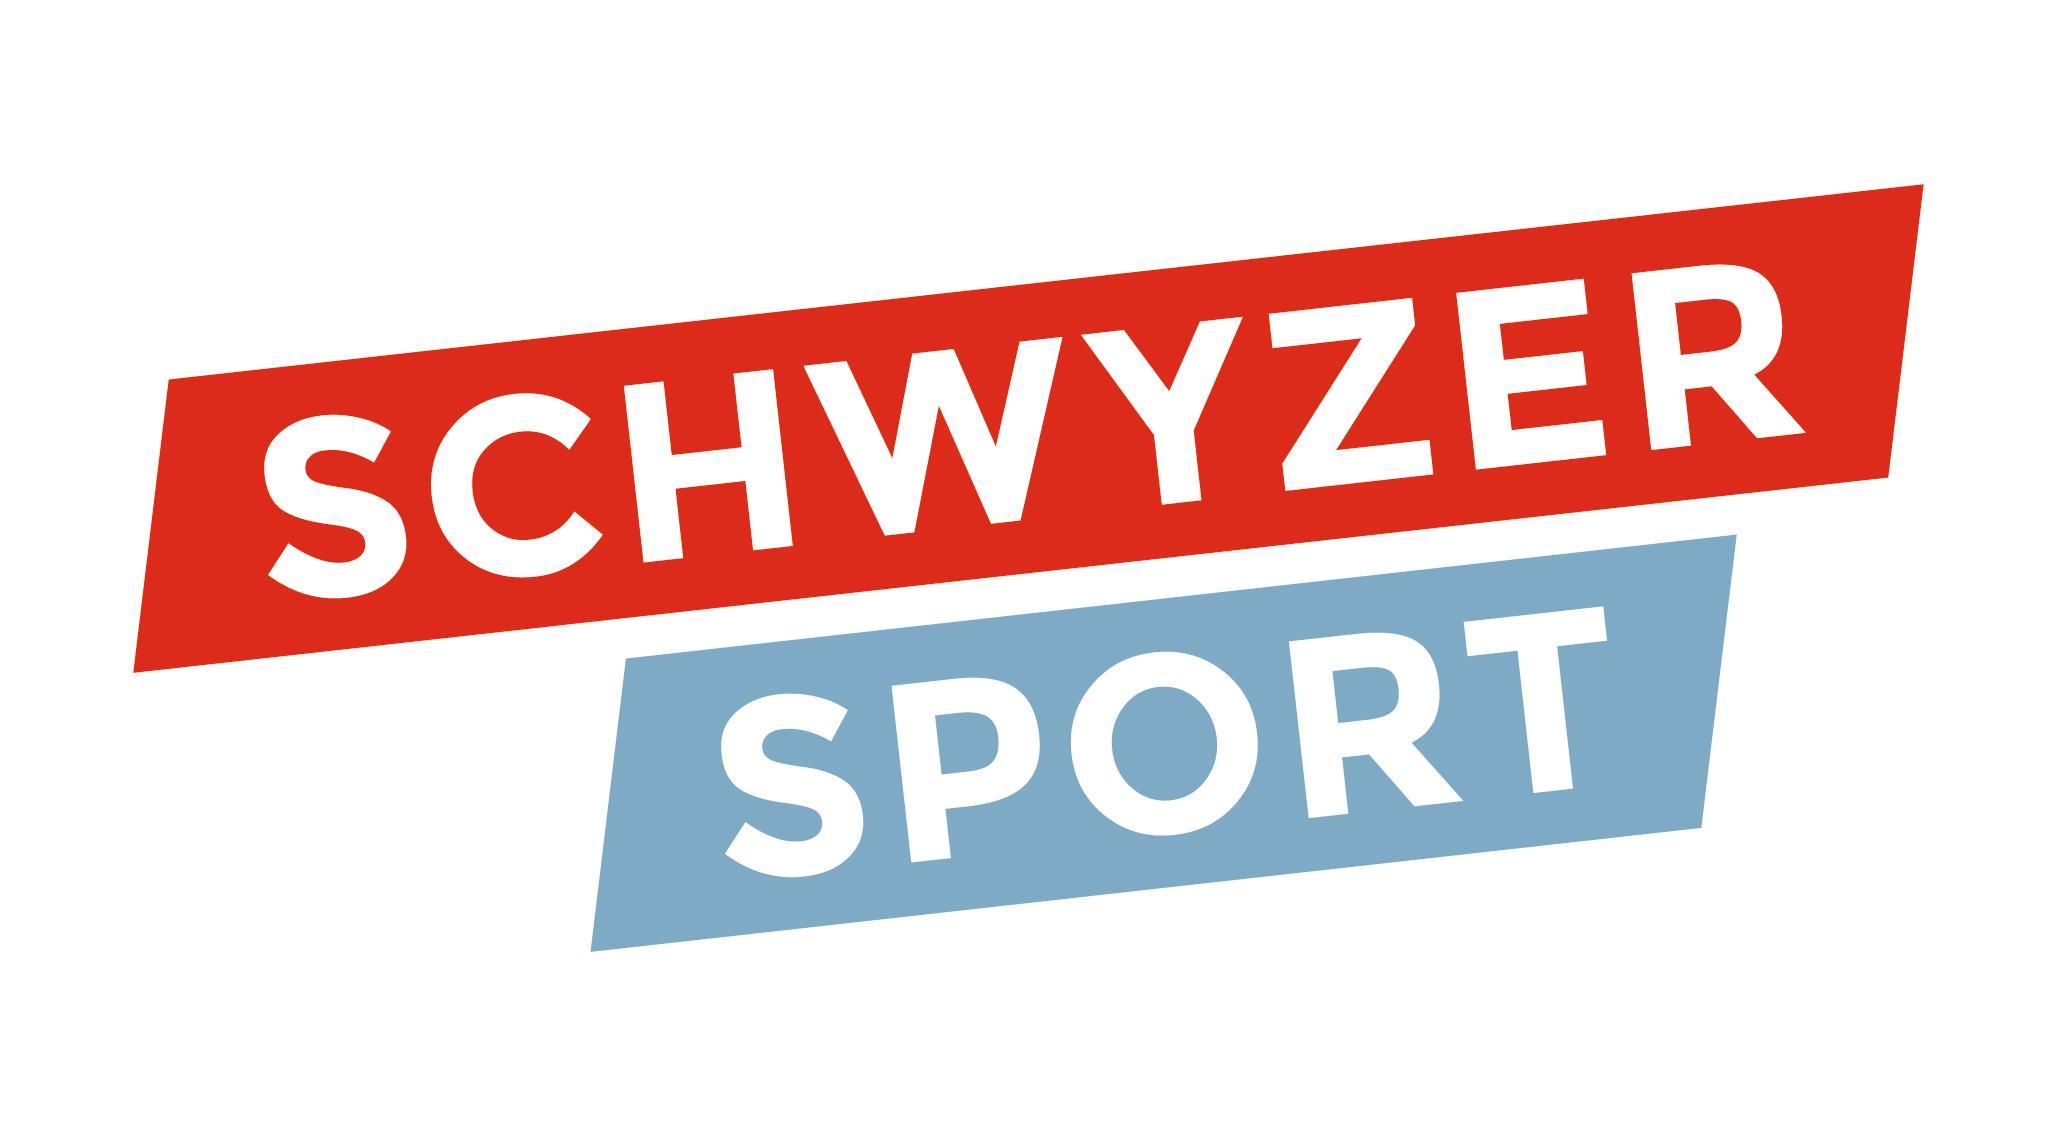 schwyzer_sport_600_cmyk.jpg